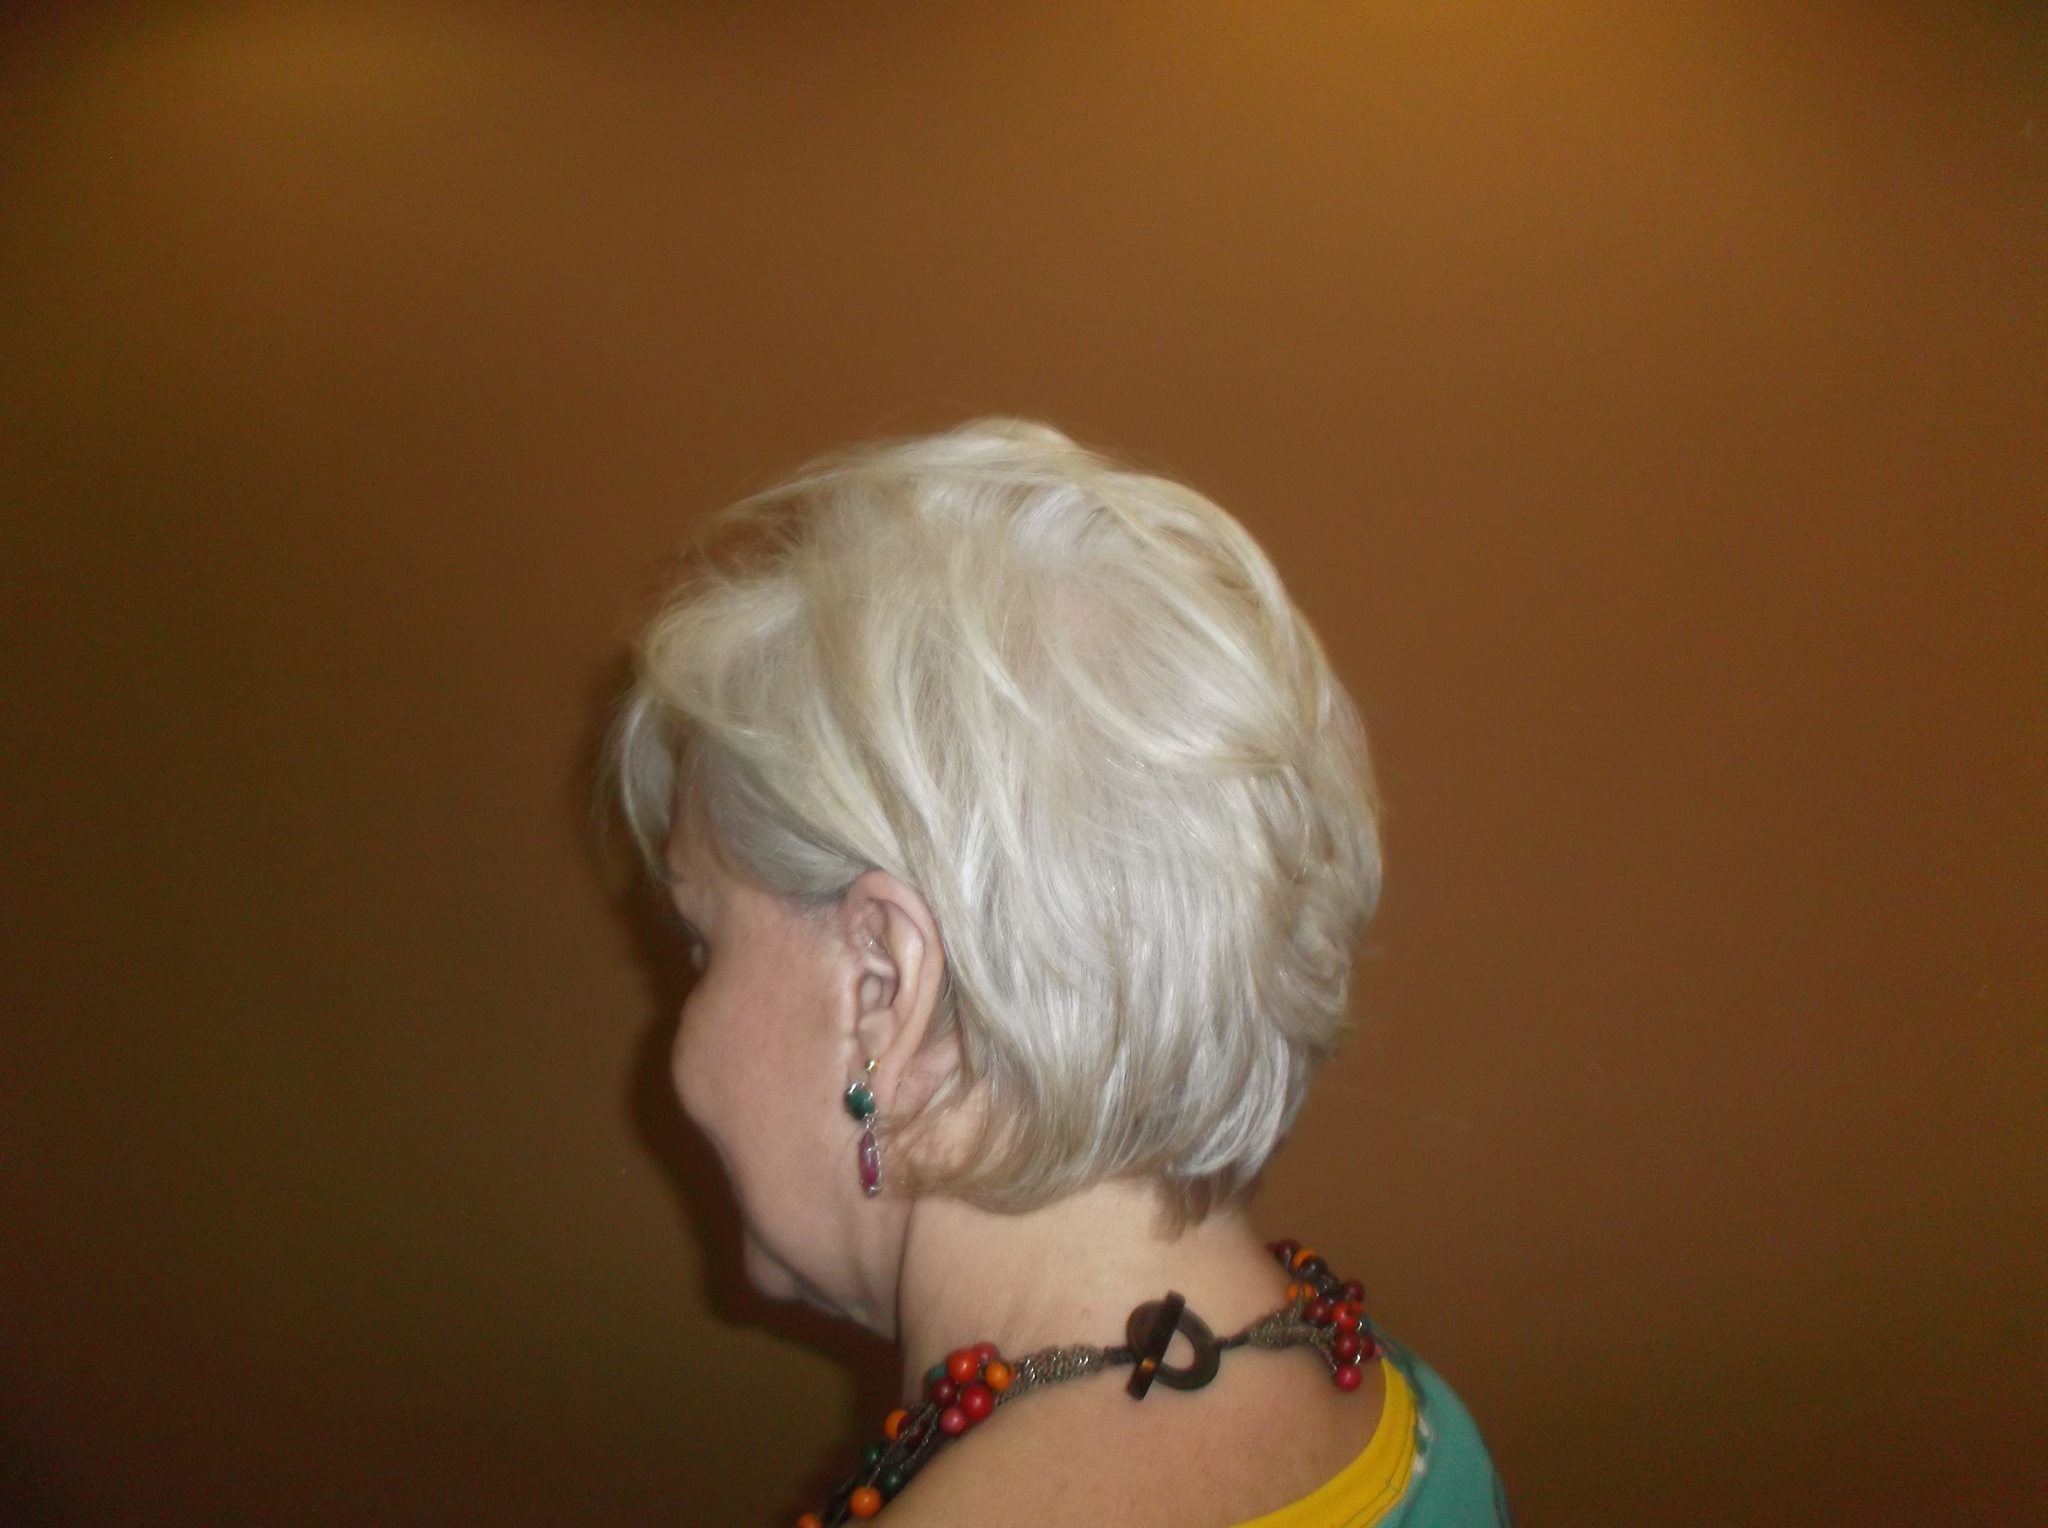 Cor e corte cabeleireiro(a) cabeleireiro(a) cabeleireiro(a) cabeleireiro(a)